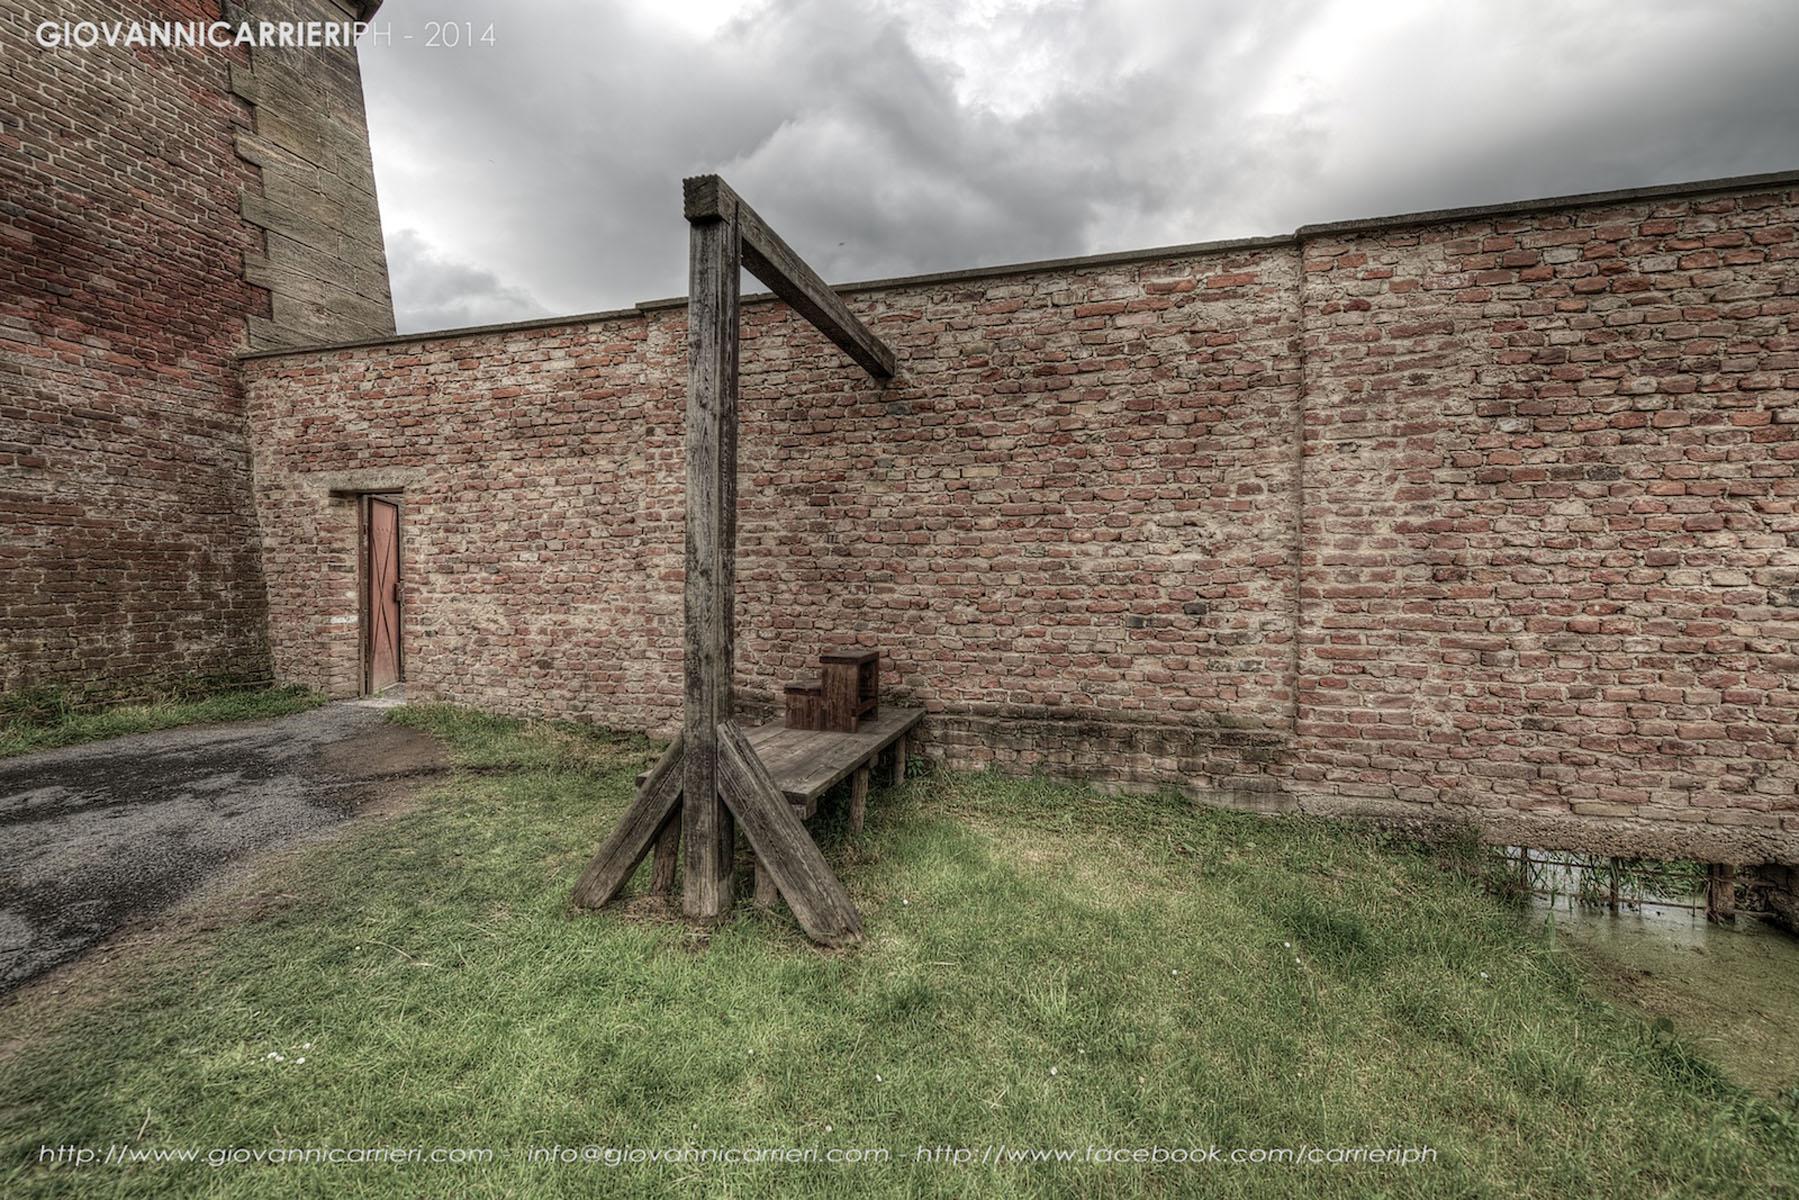 La porta della morte attraverso la quale venivano condotti i condannati alla pena capitale - Theresienstadt